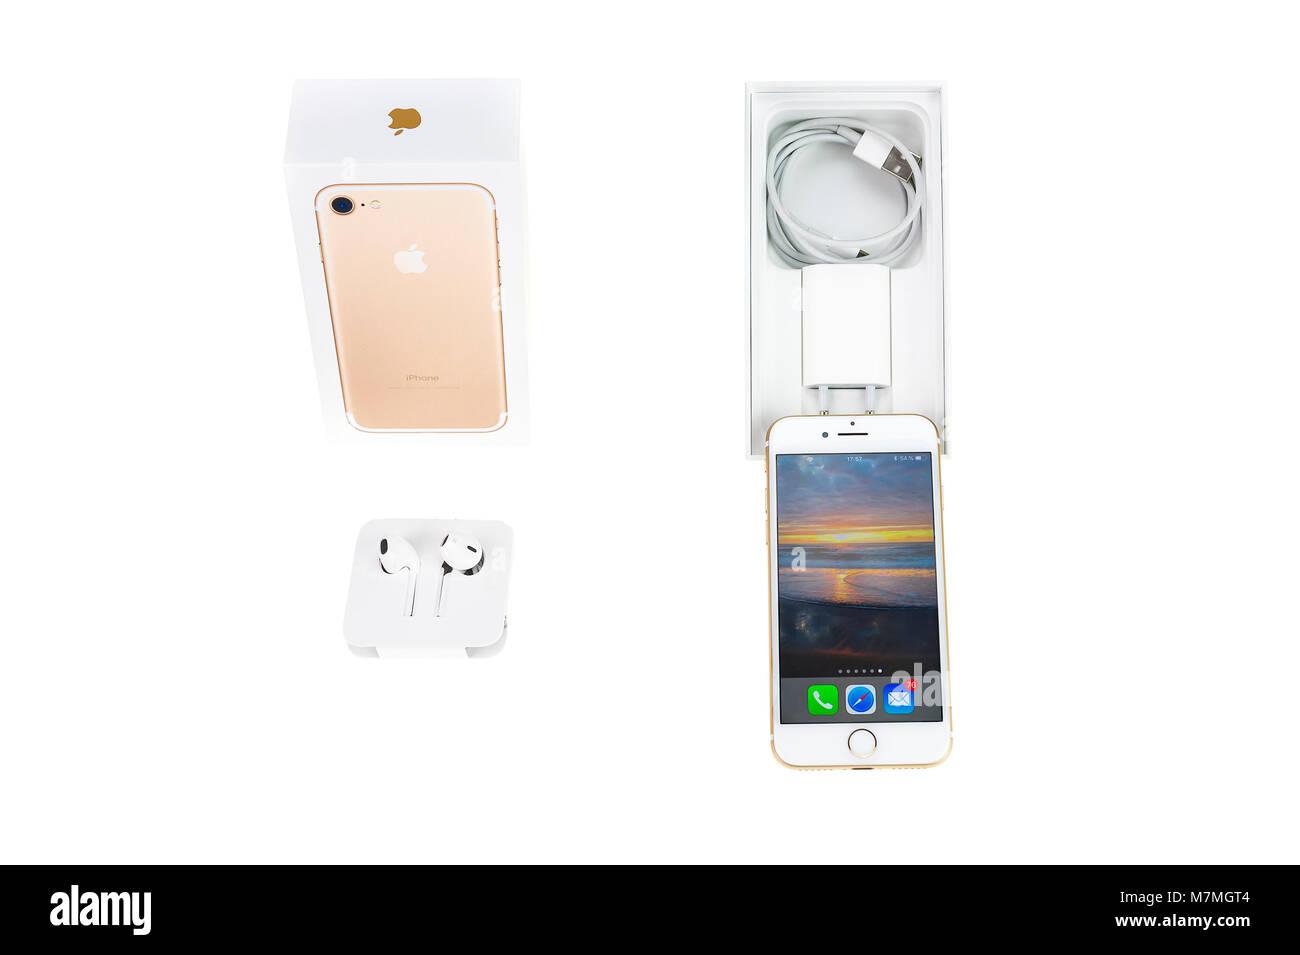 Brilon, Germania - Marzo 6, 2018: Apple I Phone 7 in oro rosa nel tipico ambito di consegna Foto Stock